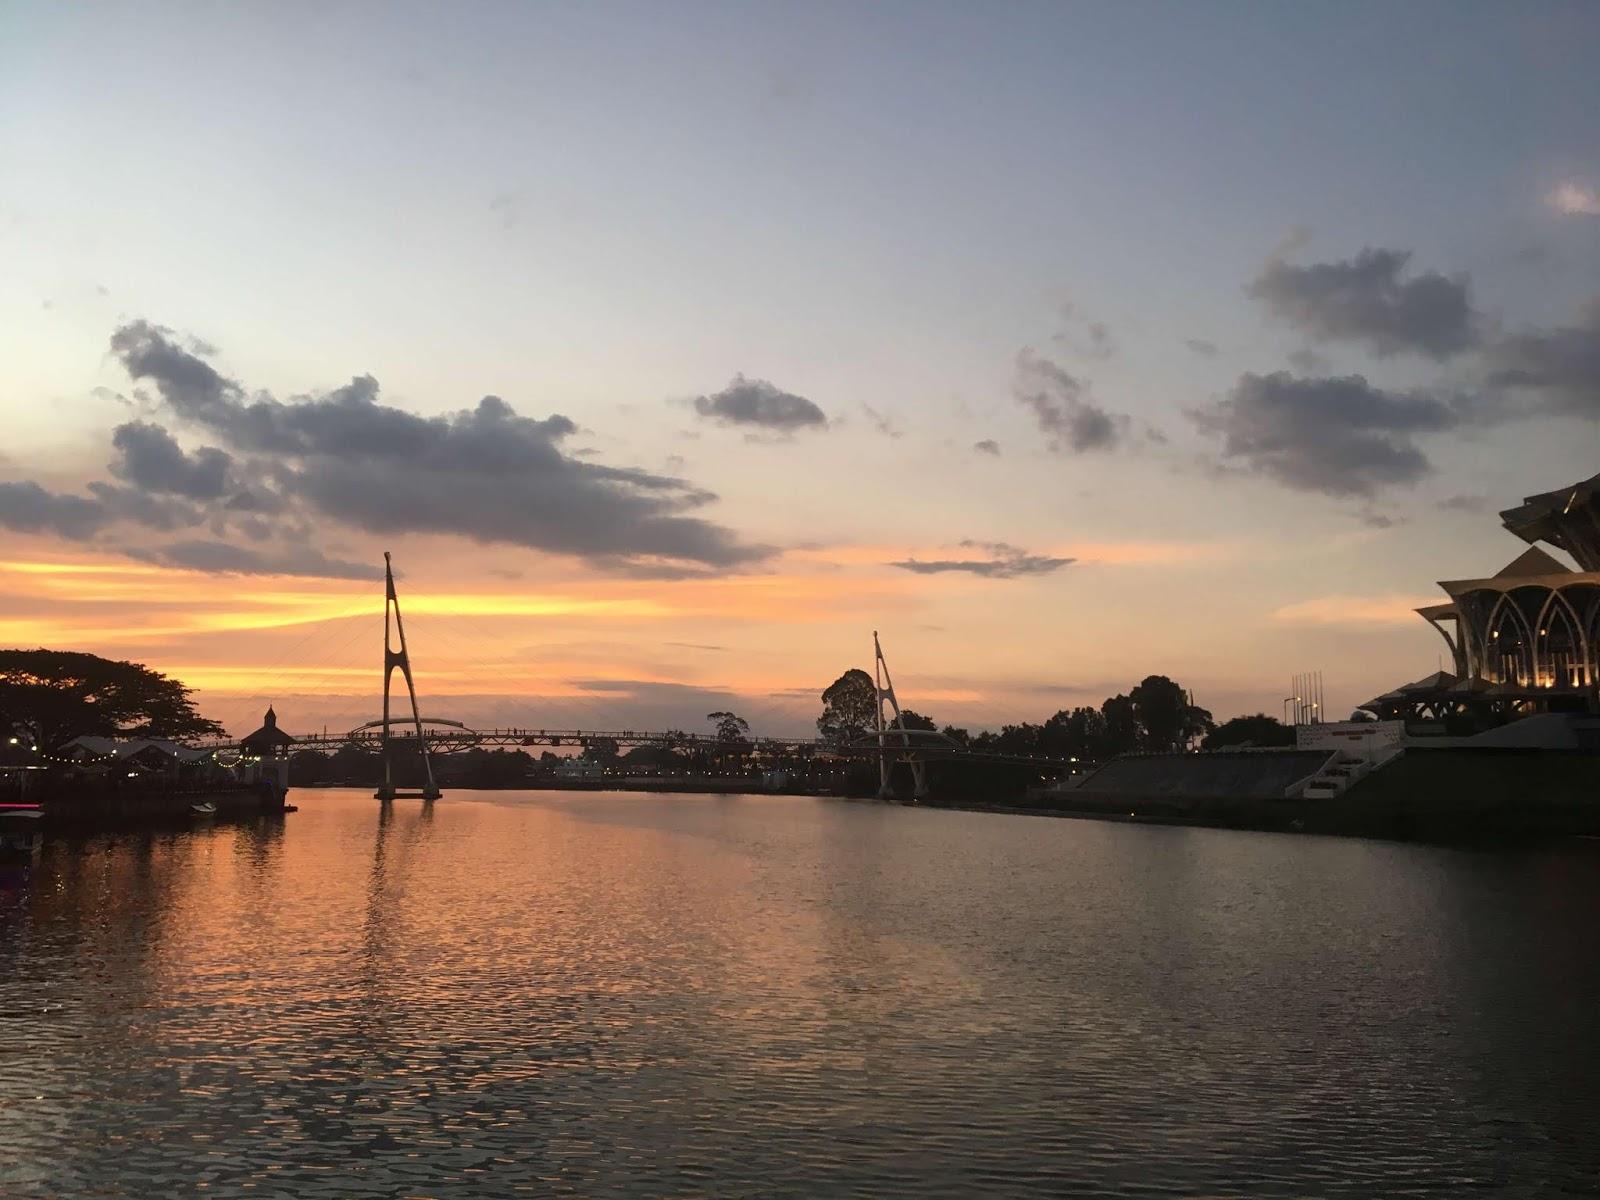 Abend am Sarawak River in Kuching